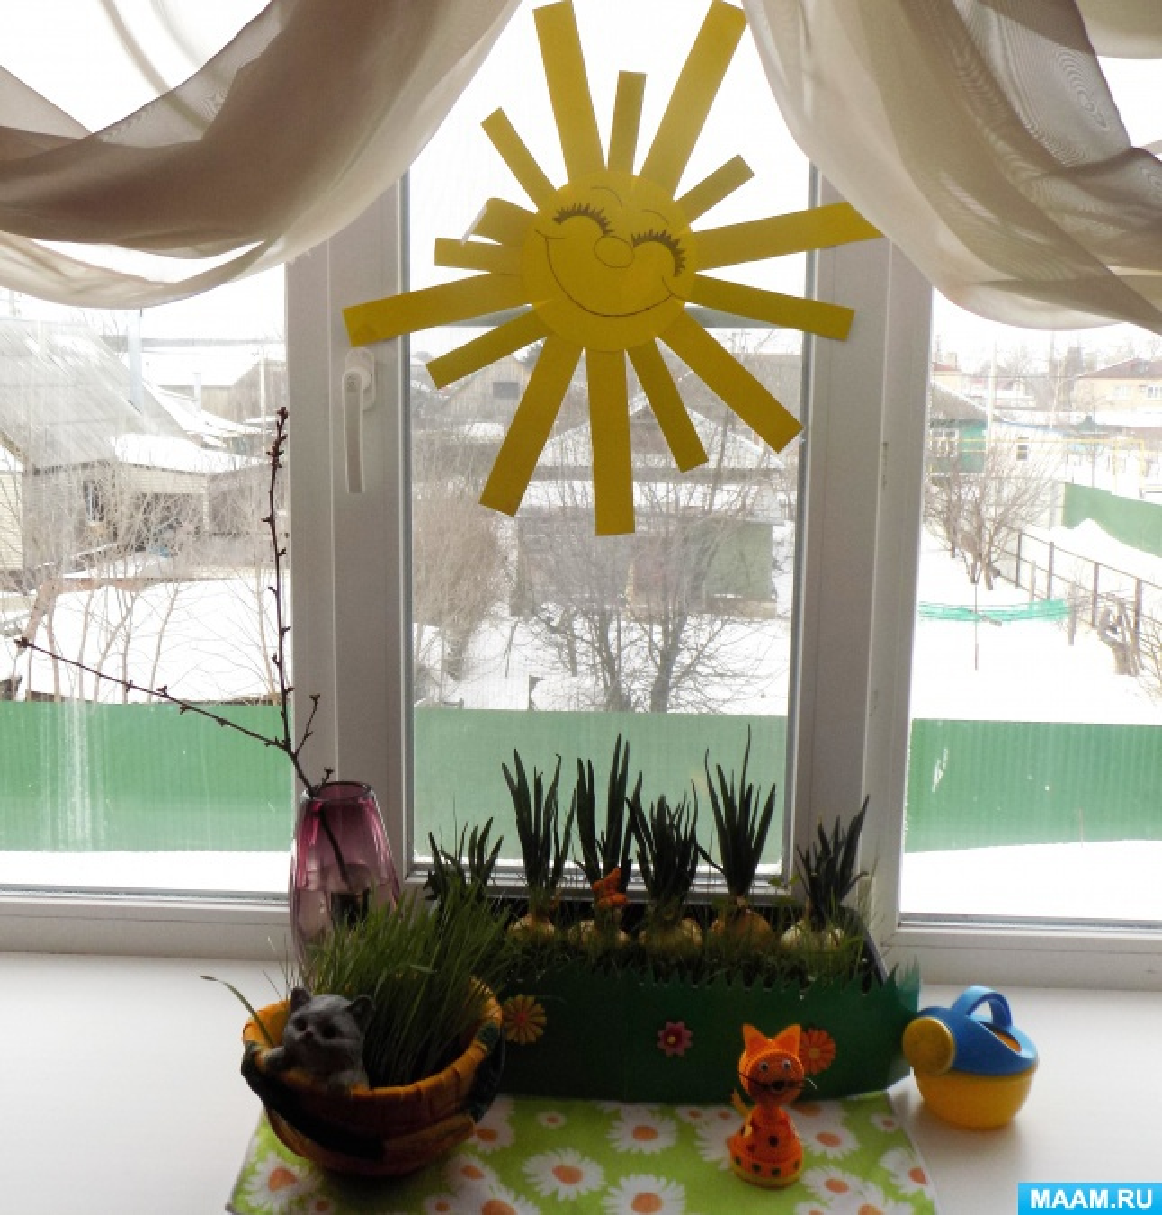 Фотоотчет о смотре-конкурсе «Огород на окне»